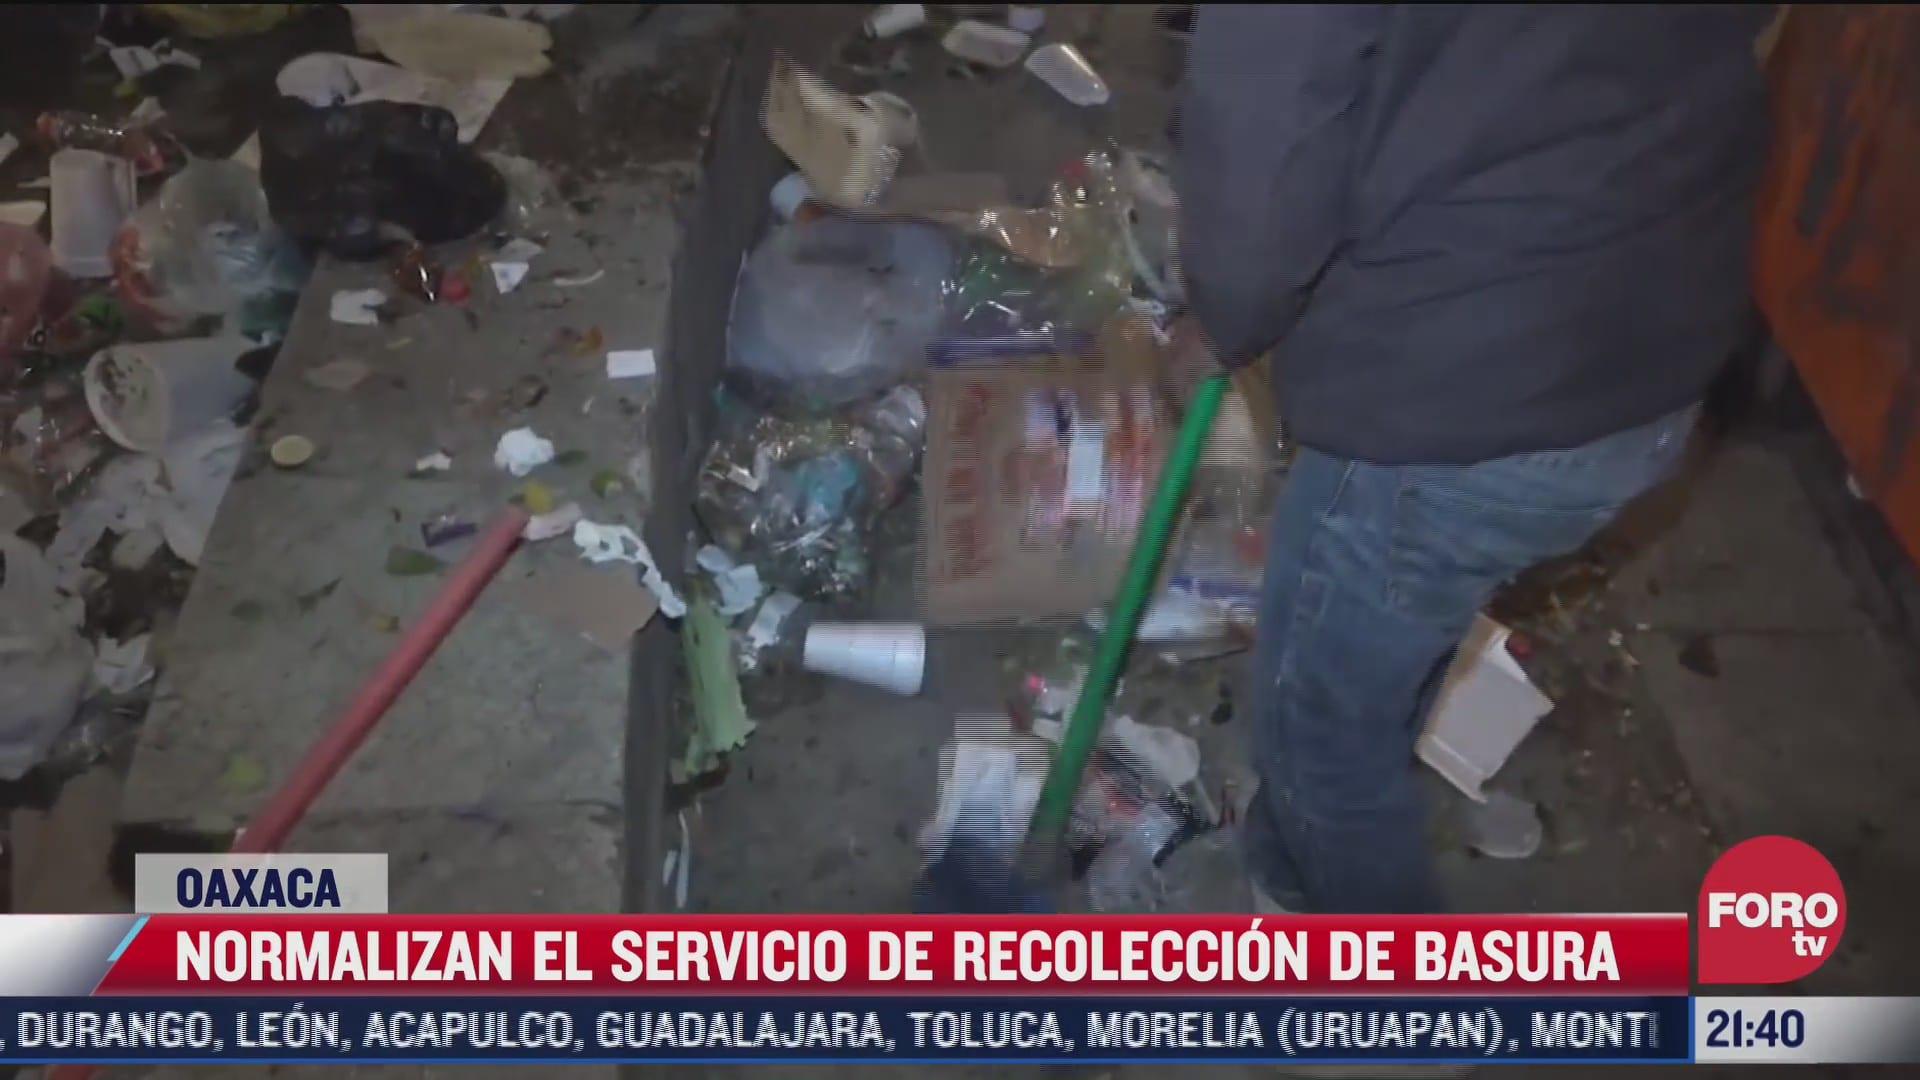 se normaliza servicio de recoleccion de basura en oaxaca